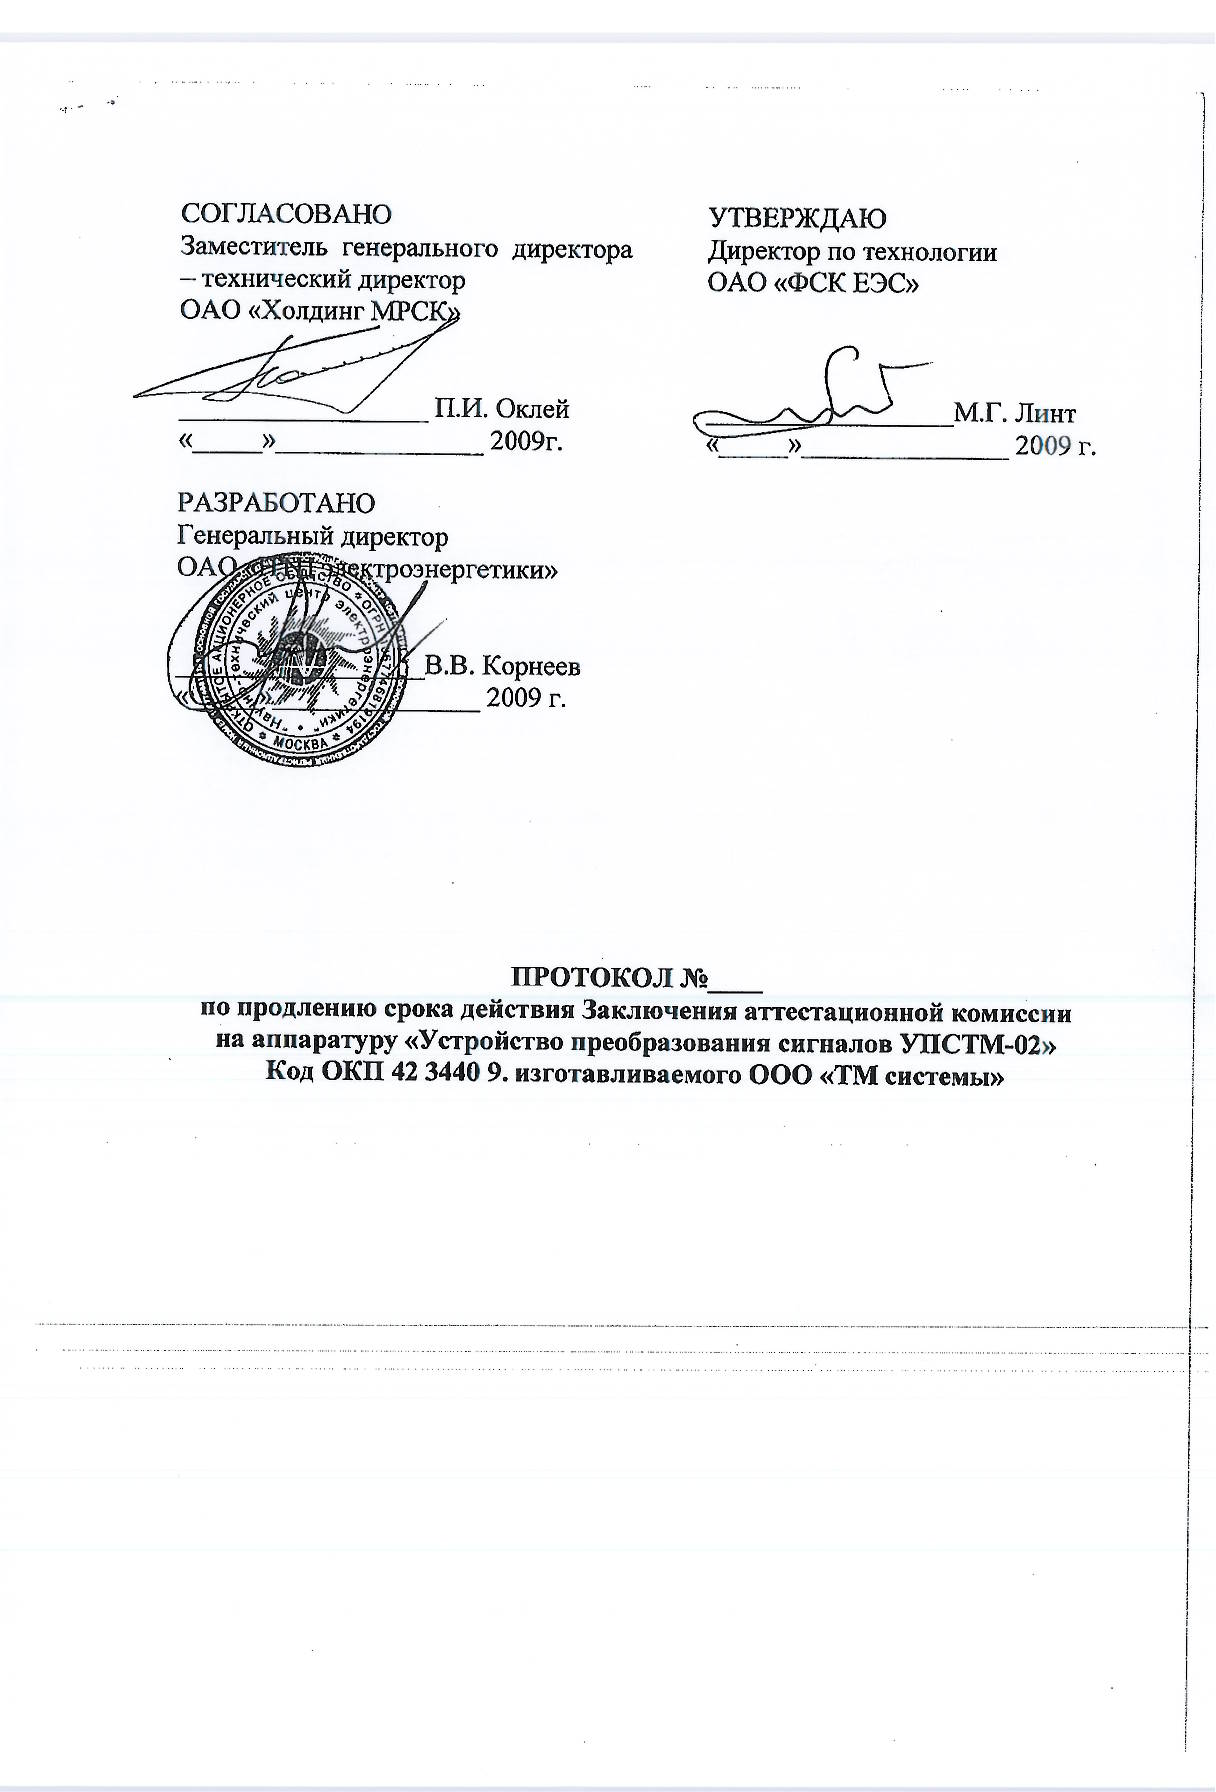 Свидетельства СРО Лицензии ИСО Учредительные cертификаты  Протокол ОАО ФСК ЕЭС на продление срока действия Заключения аттестационной комиссии